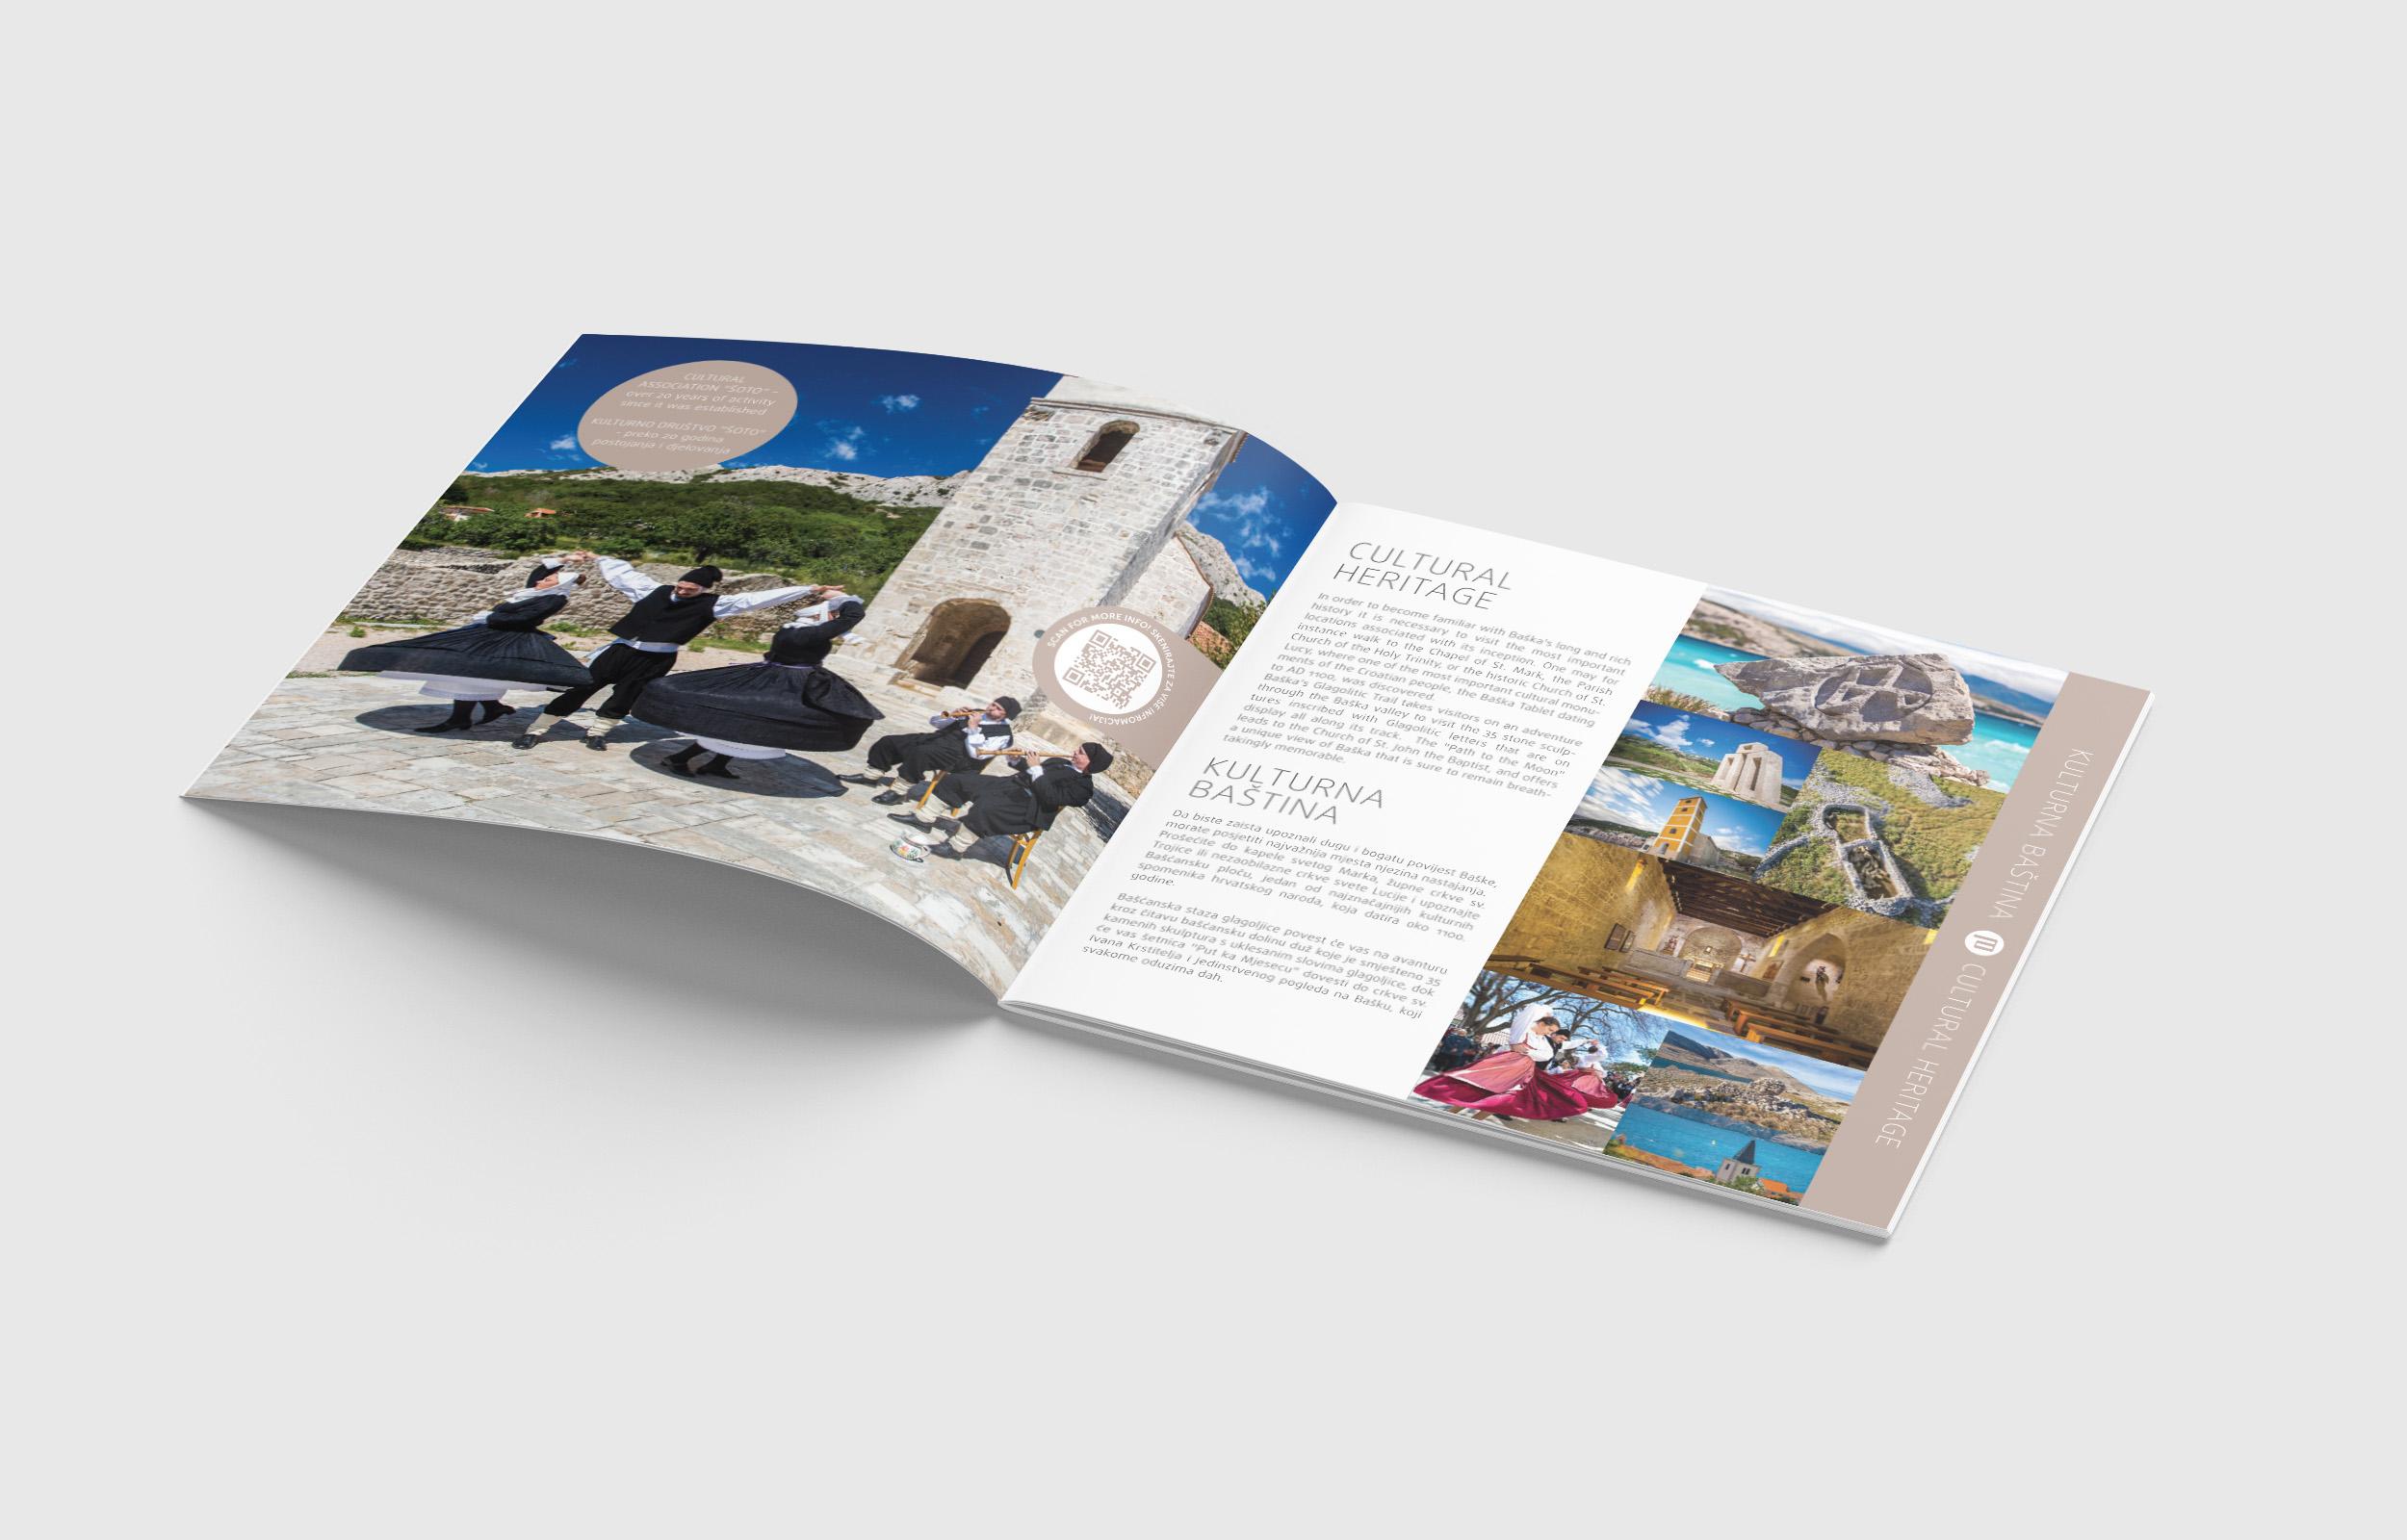 Image brošura TZO Baška